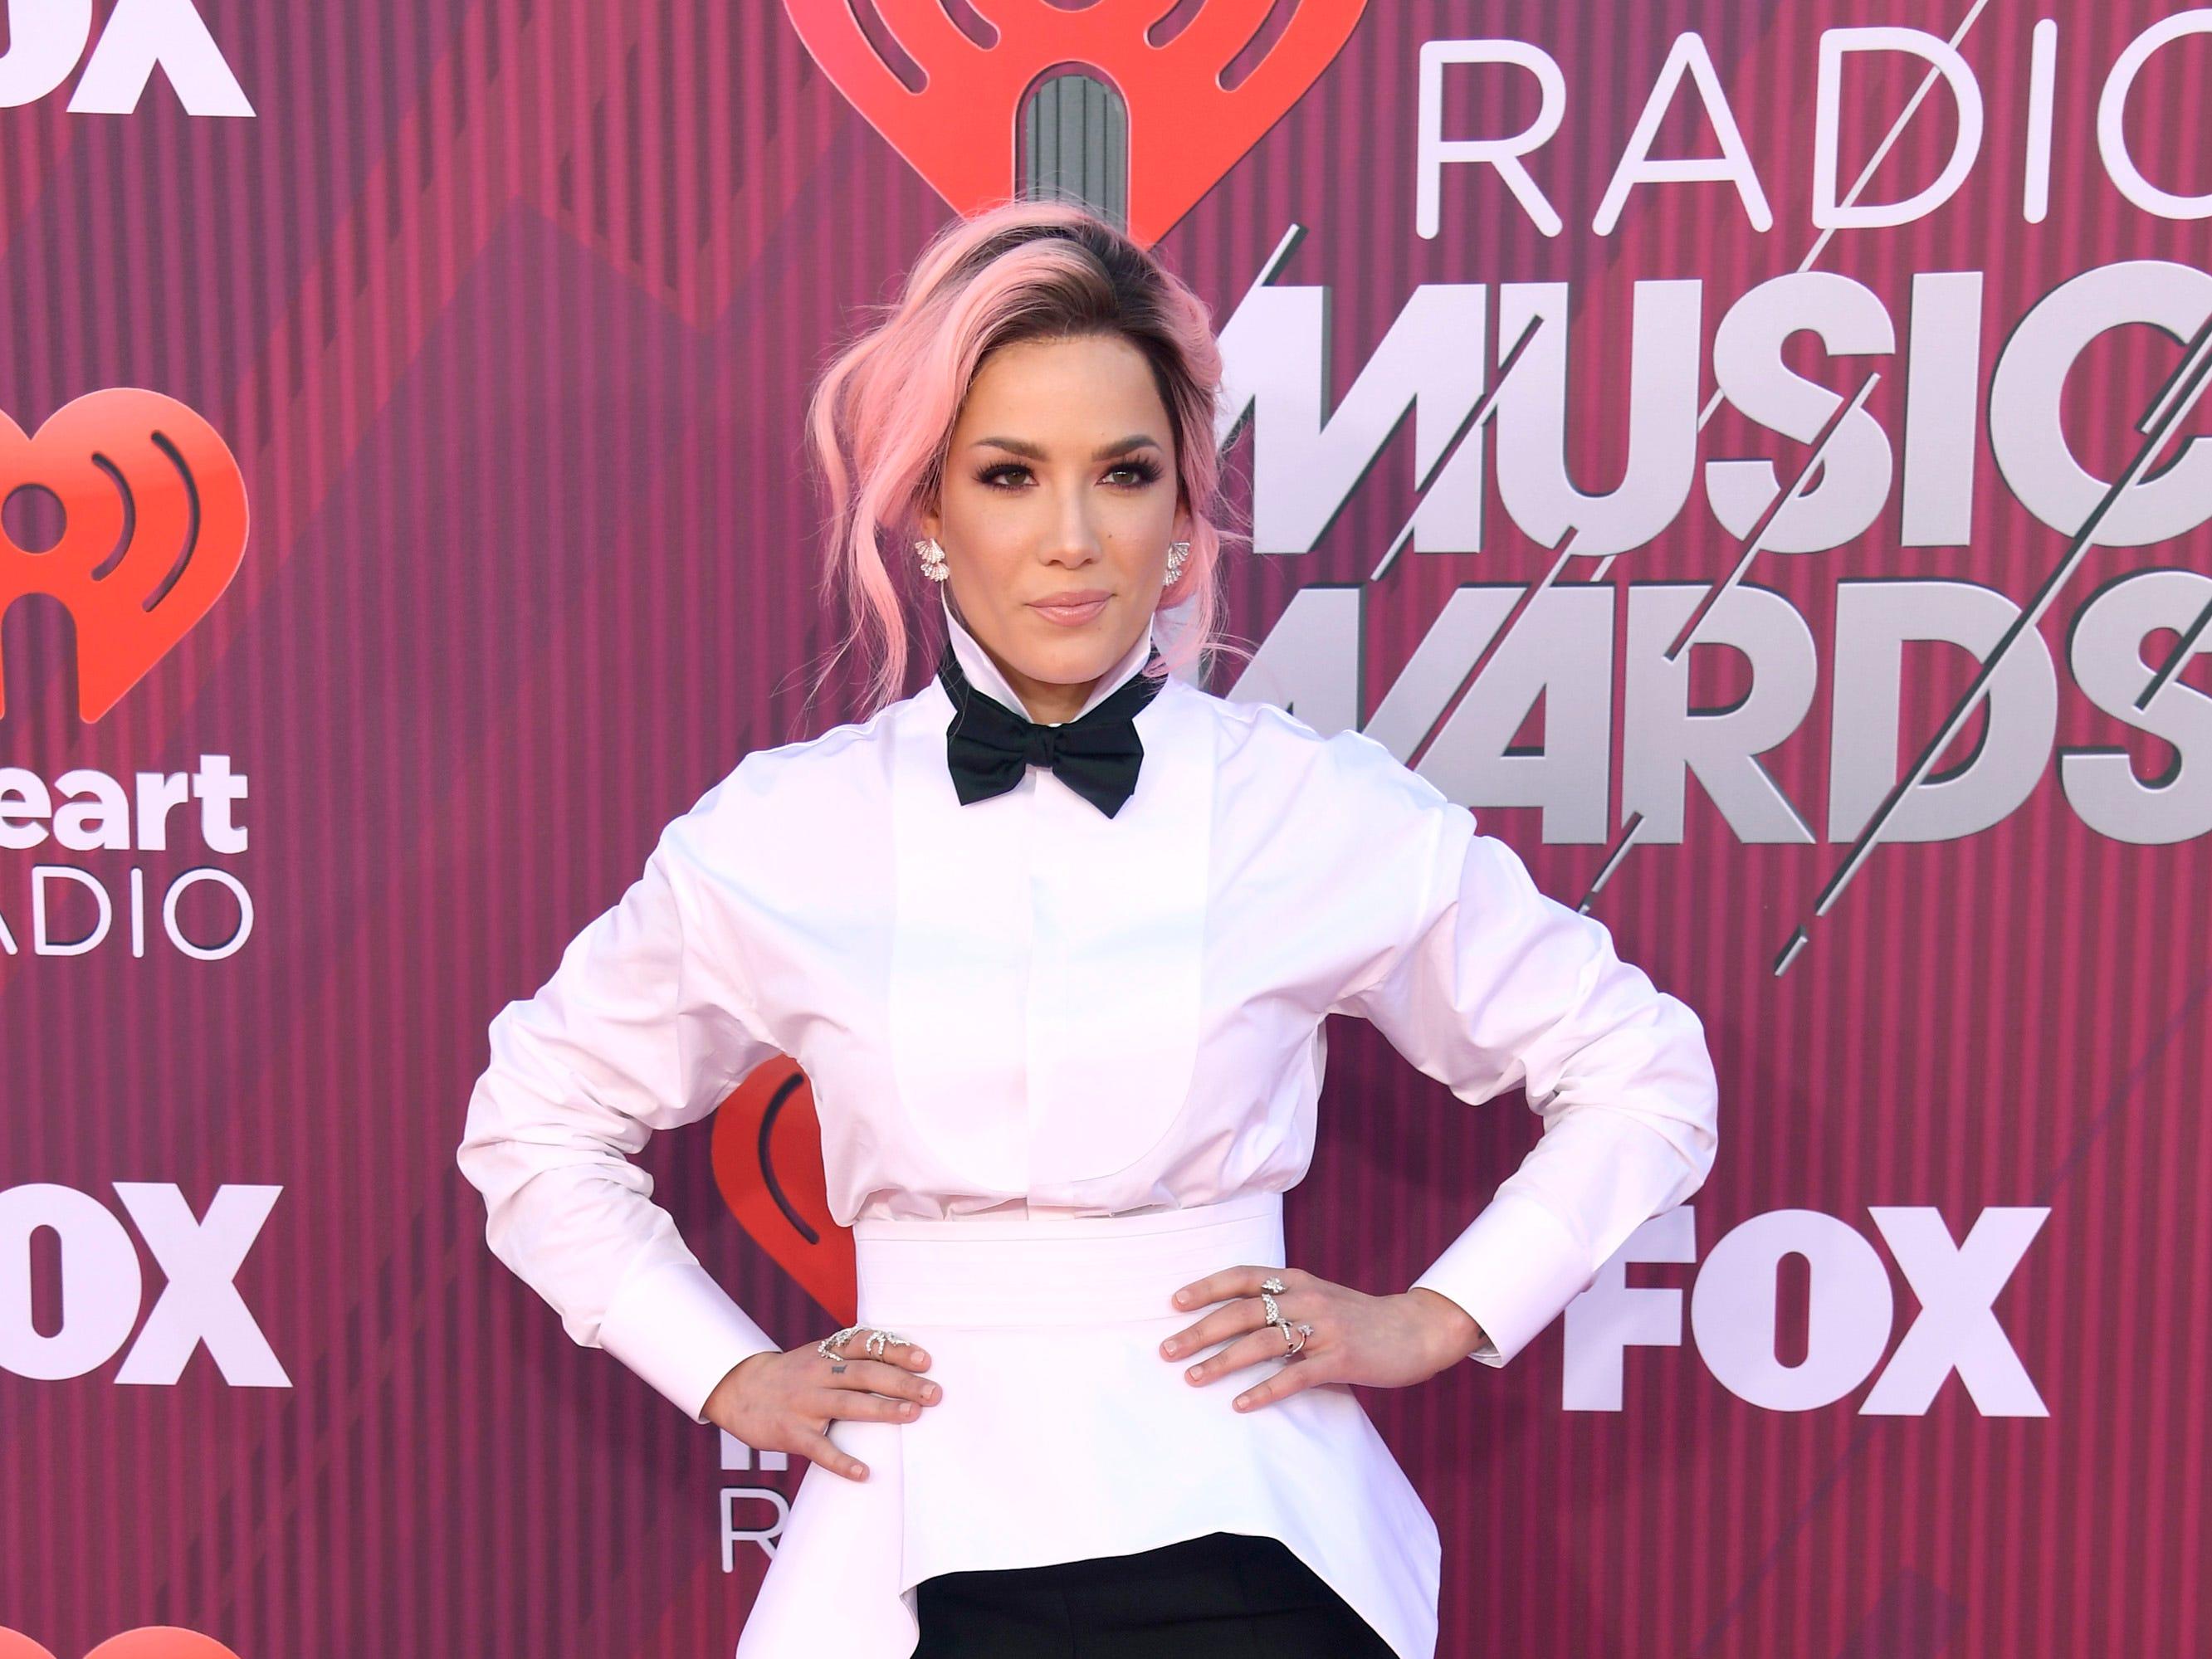 Halsey a su llegada a los premios iHeart Radio Music Awards en 2019 el 14 de marzo de 2019 en Los Angeles, California.